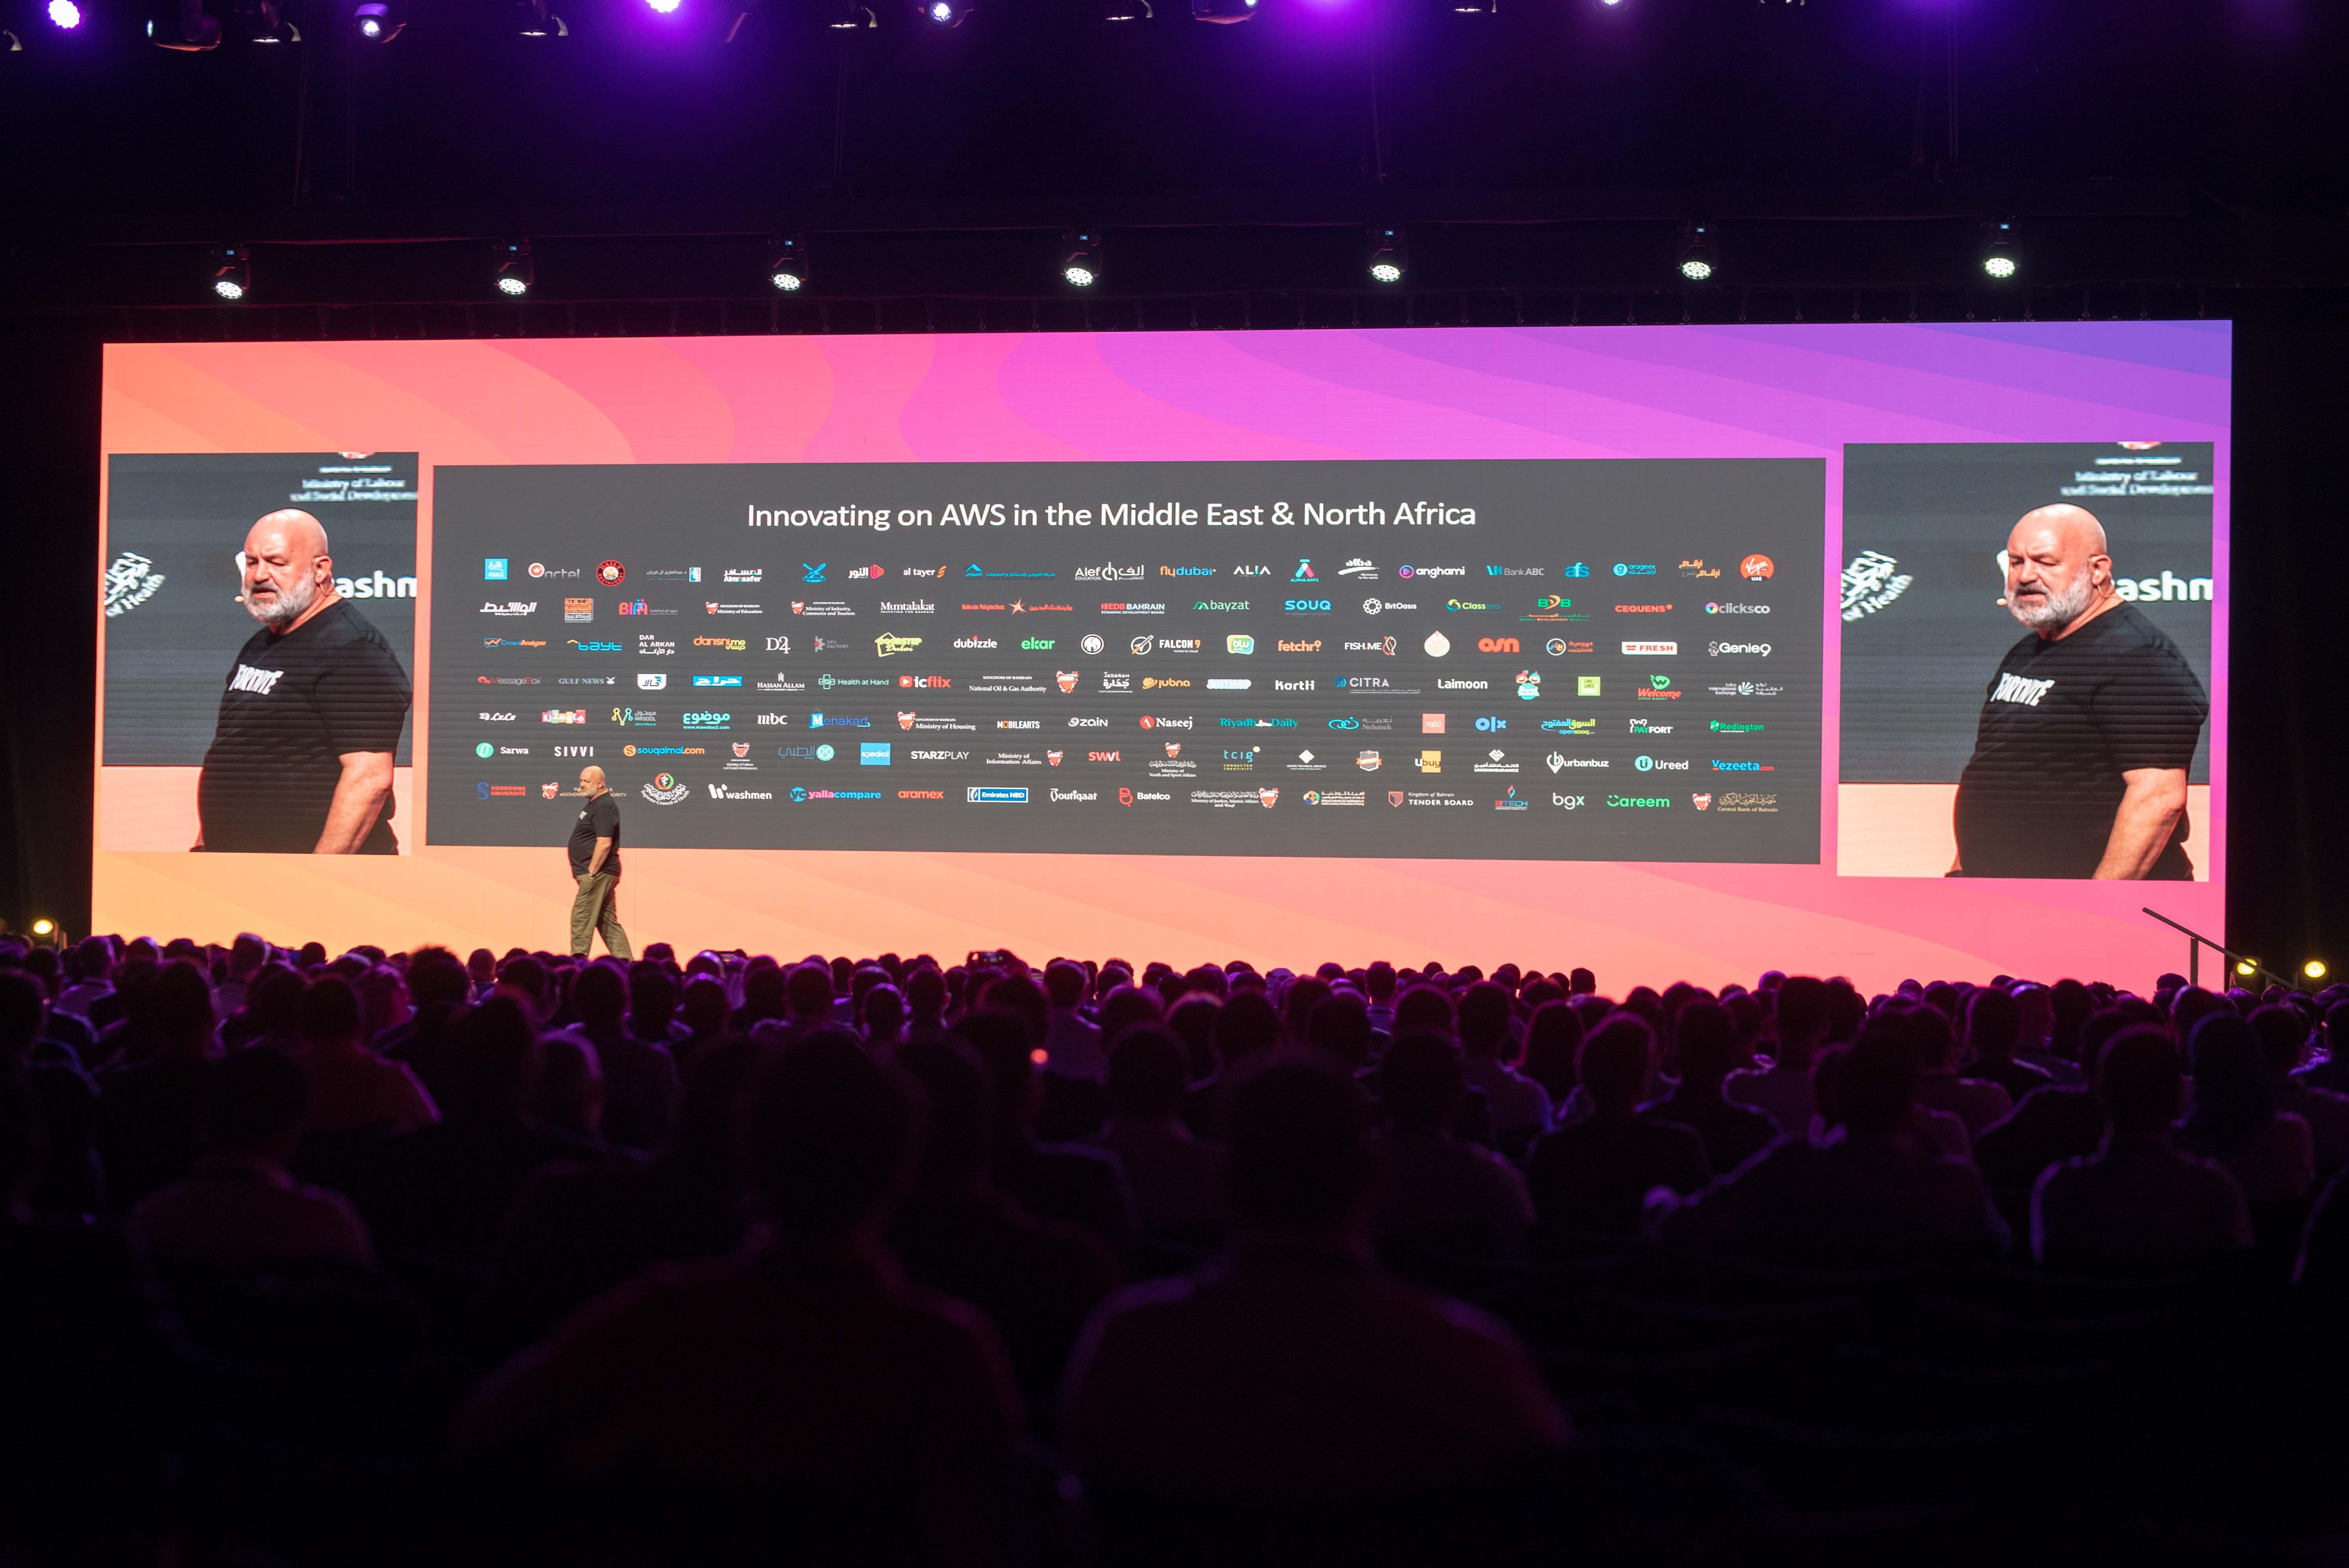 وارنر فوجلز الرئيس التنفيذي للتكنولوجيا في Amazon.com